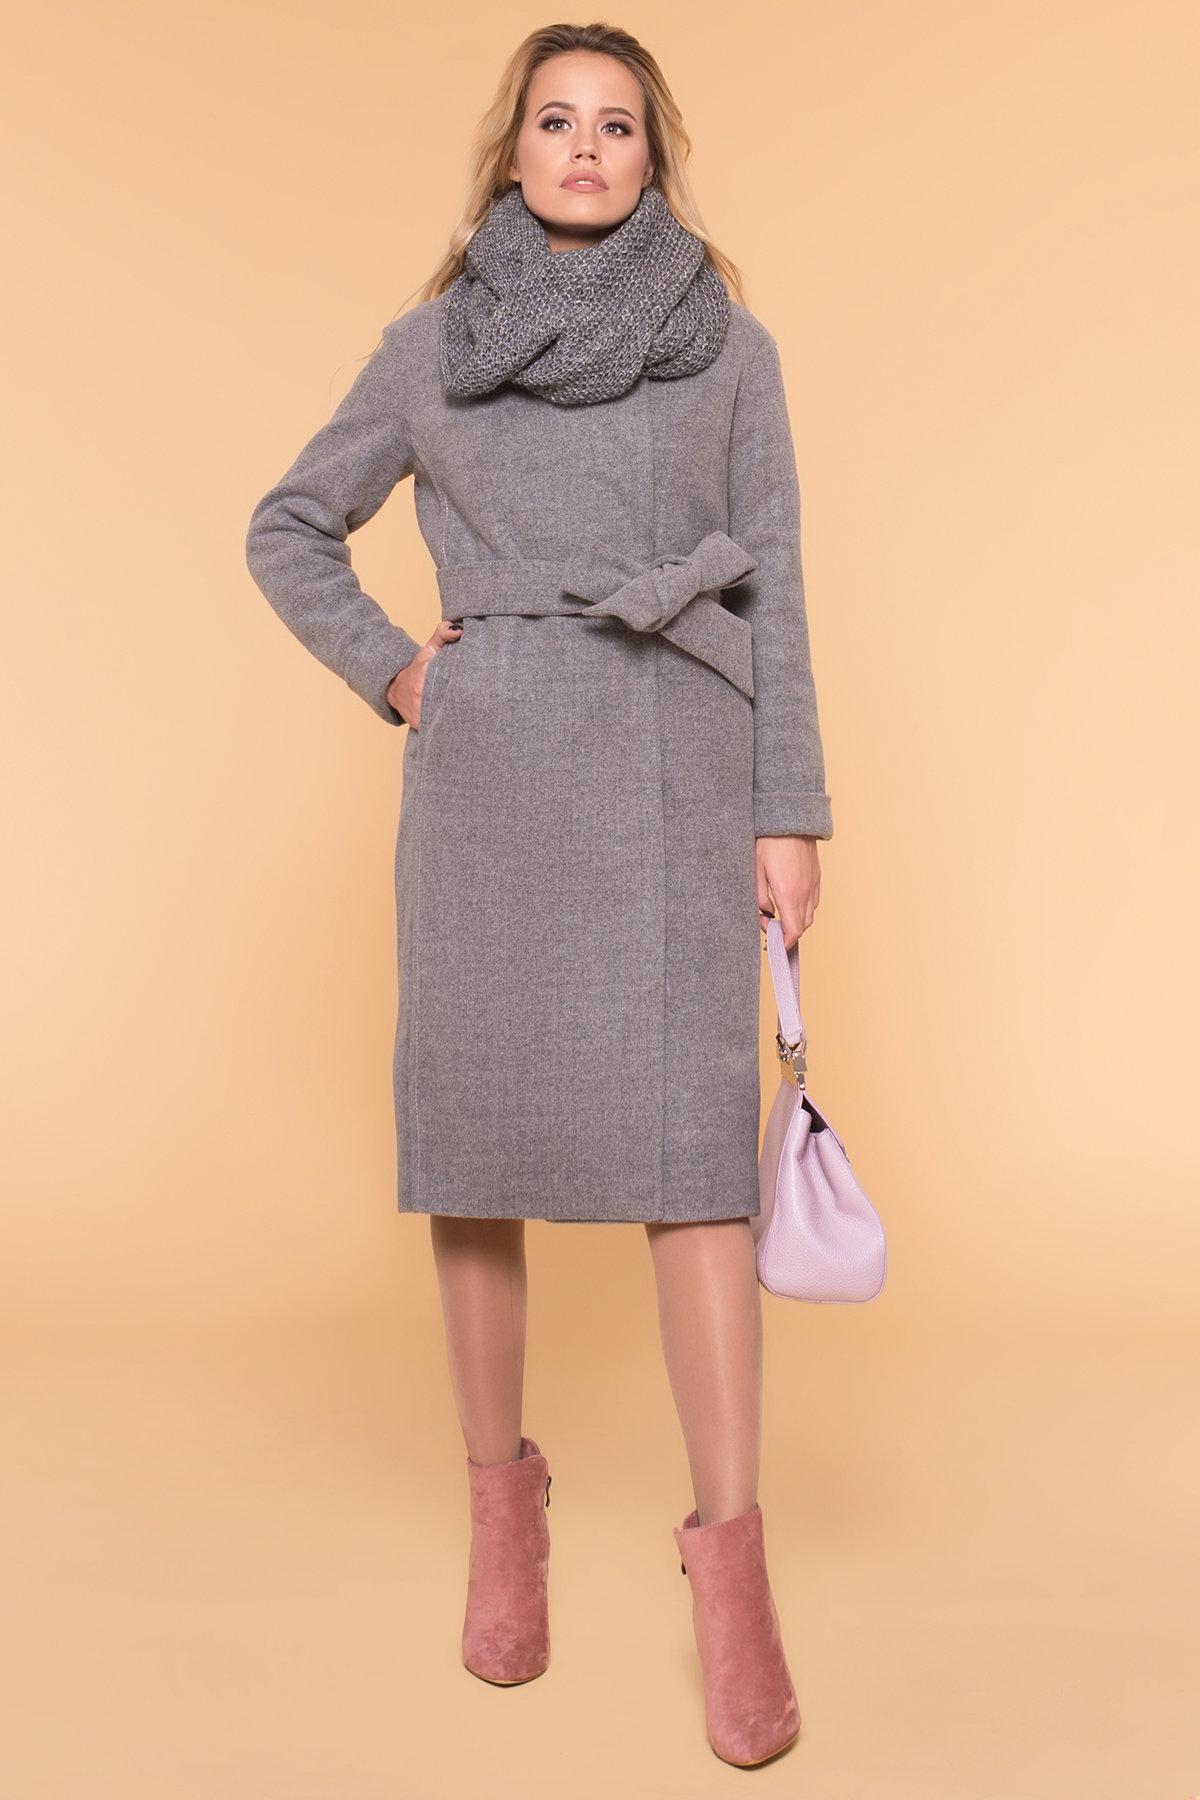 Зимнее пальто для женщин от Modus Пальто зима Богема 5707